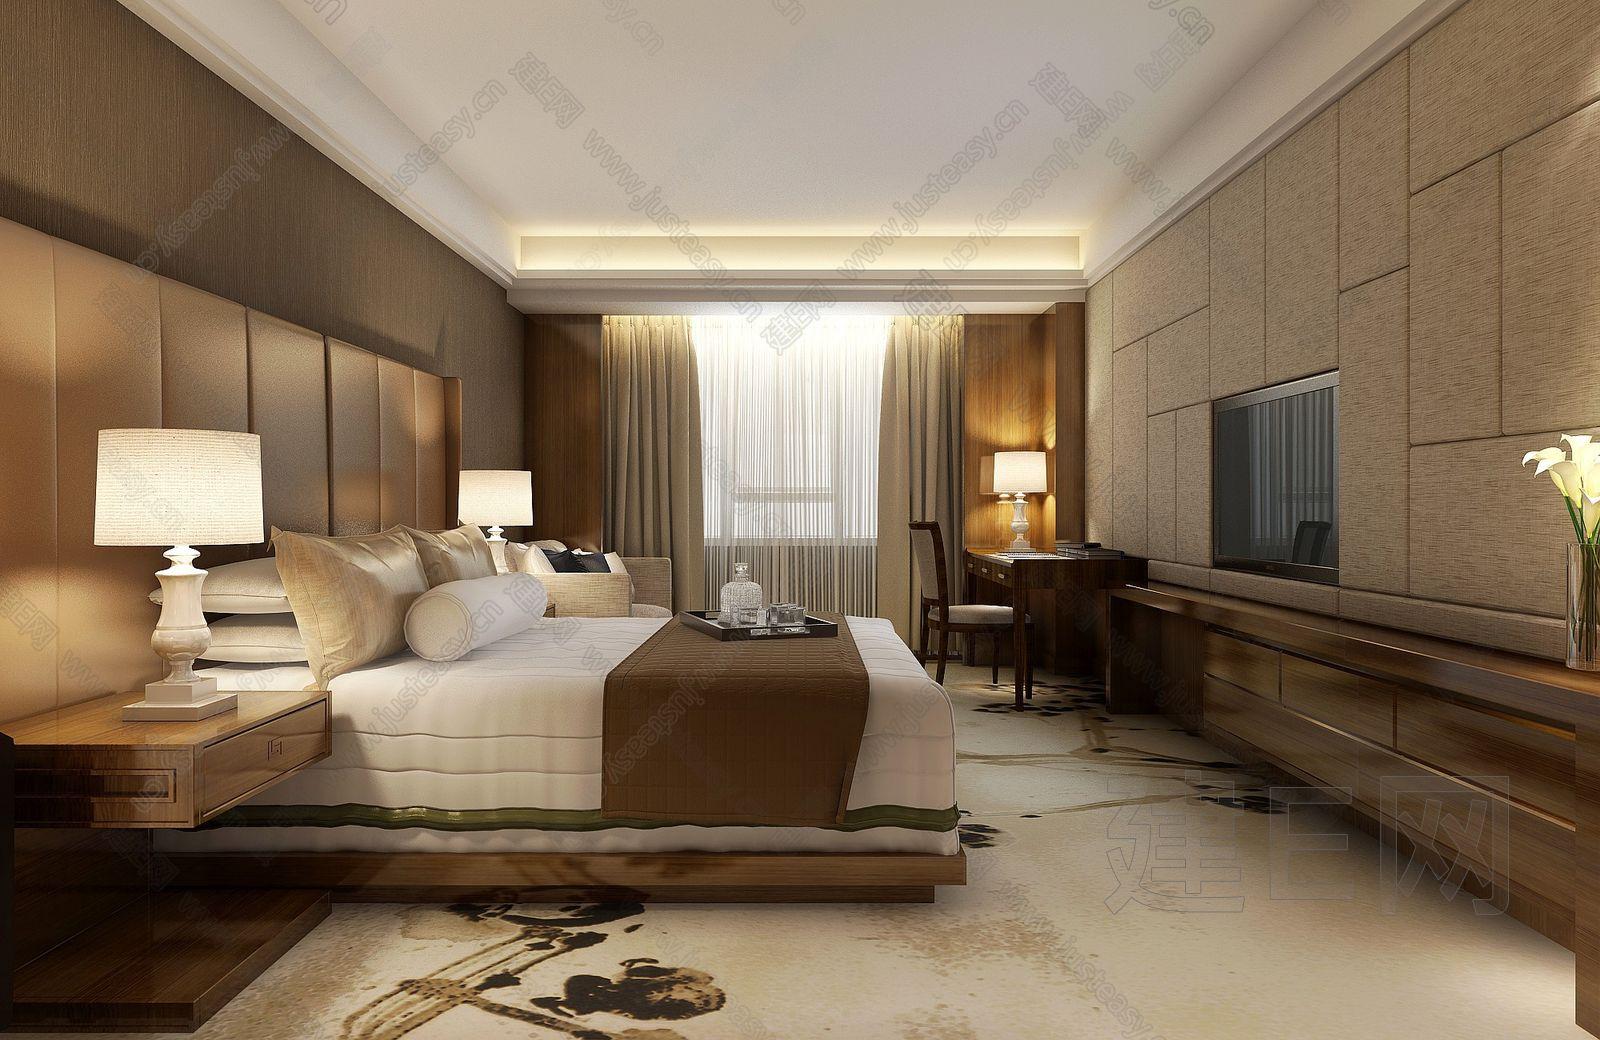 新中式酒店包间床具桌椅组合[模型id:92606]